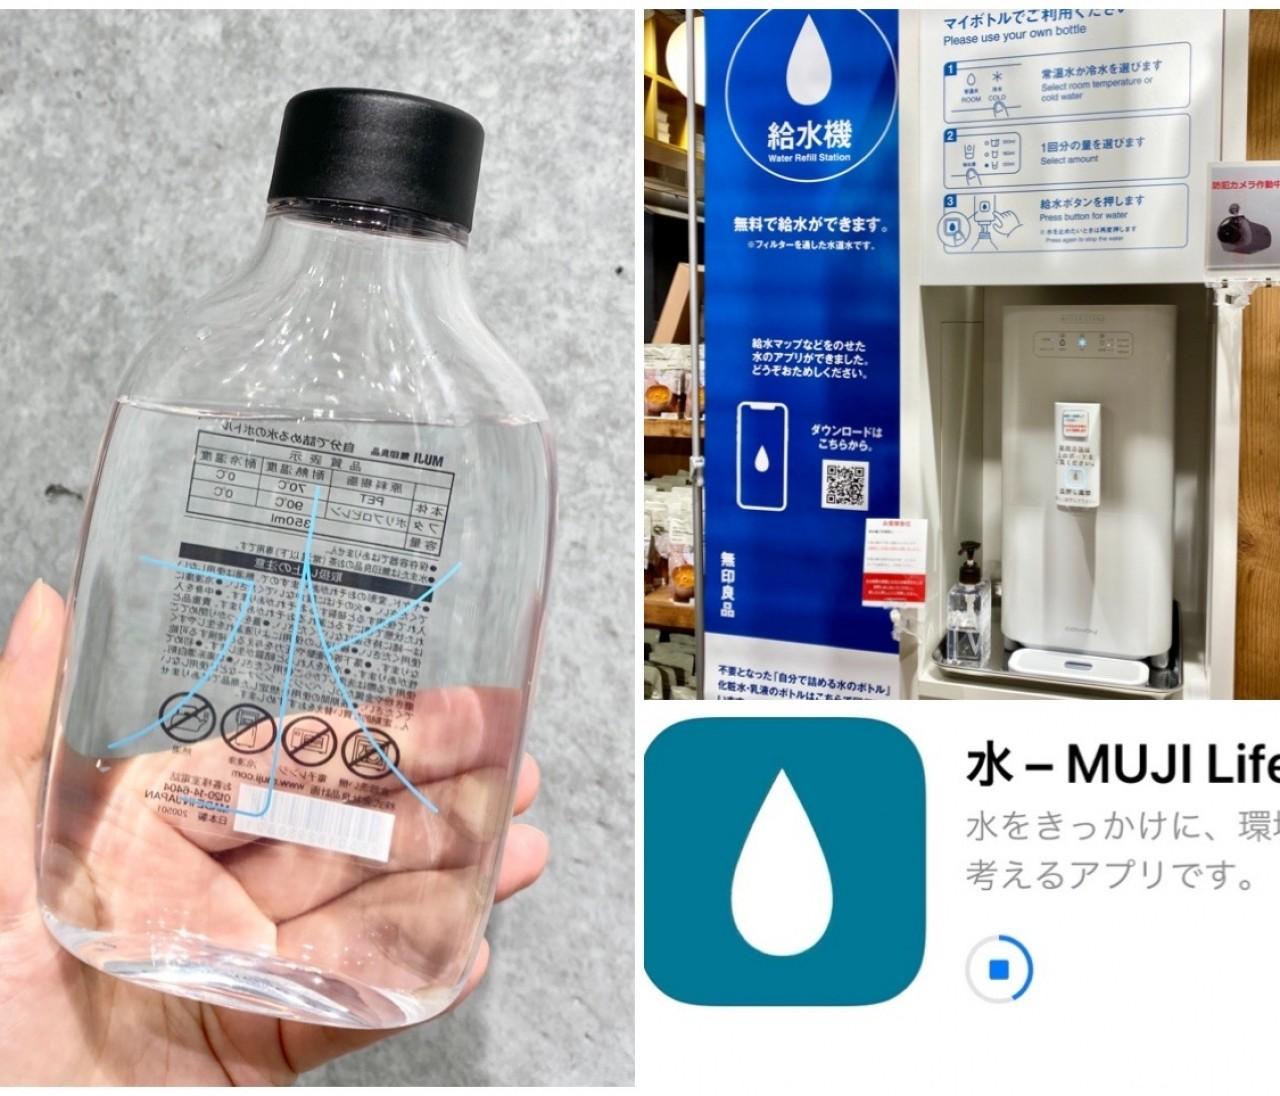 【無印良品】ペットボトルごみ削減・持ち運べる「自分で詰める給水ボトル」新発売、無料の給水サービスを体験!